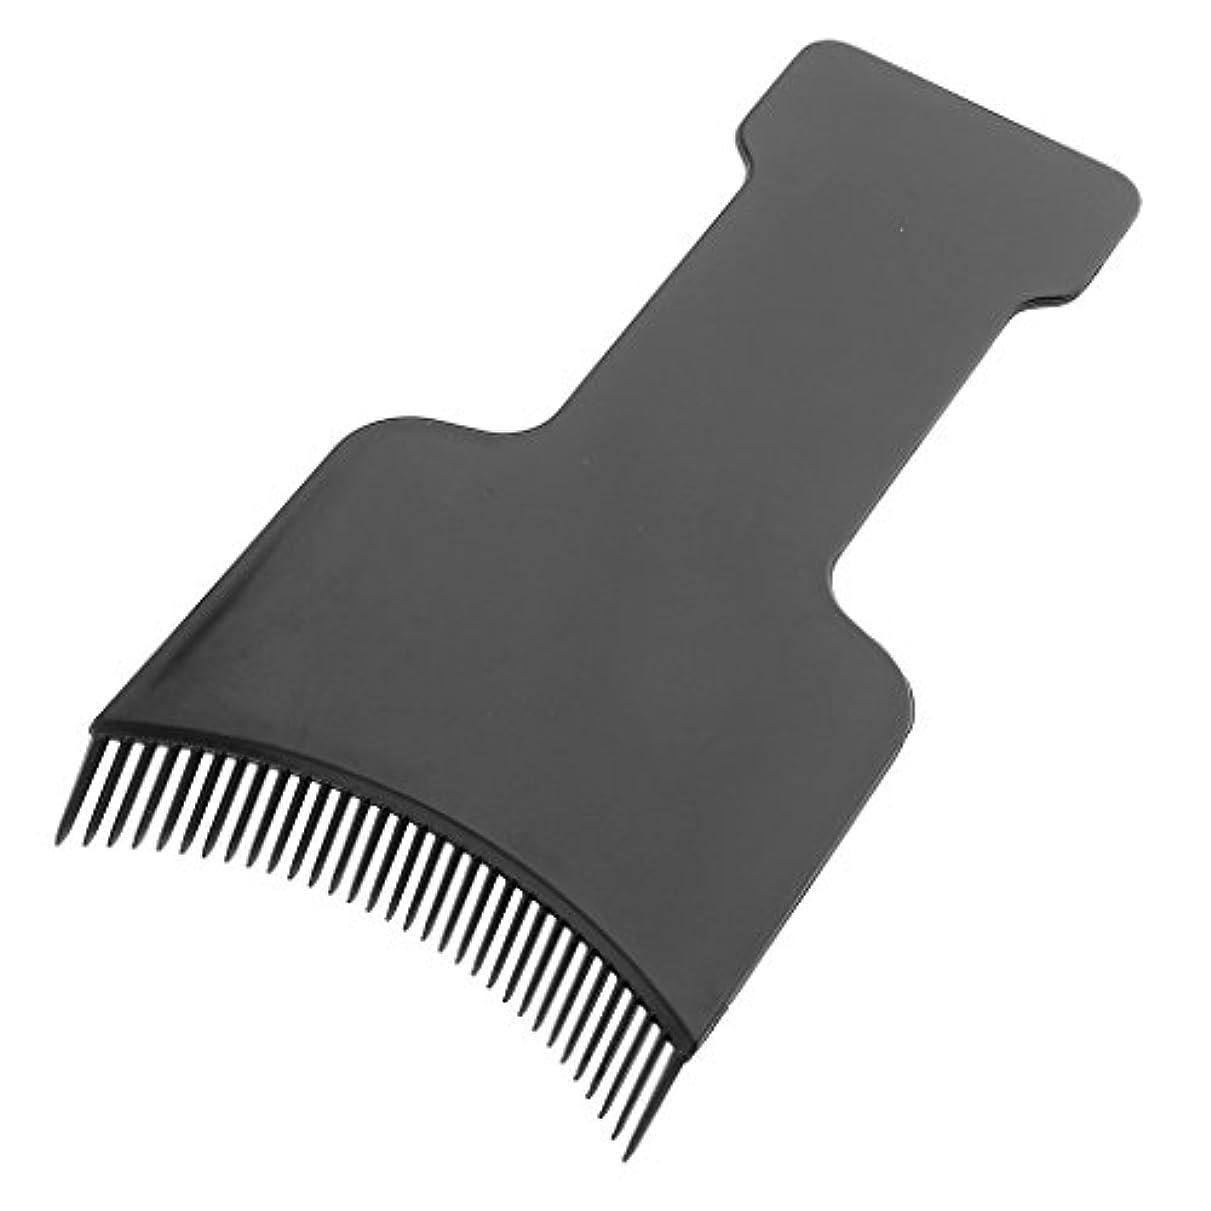 好戦的な失礼な悲観的Blesiya 染色ティントプレート ヘアカラー ボード 美容 ヘア ツール 髪 保護 ブラック 実用 便利 全4サイズ  - S